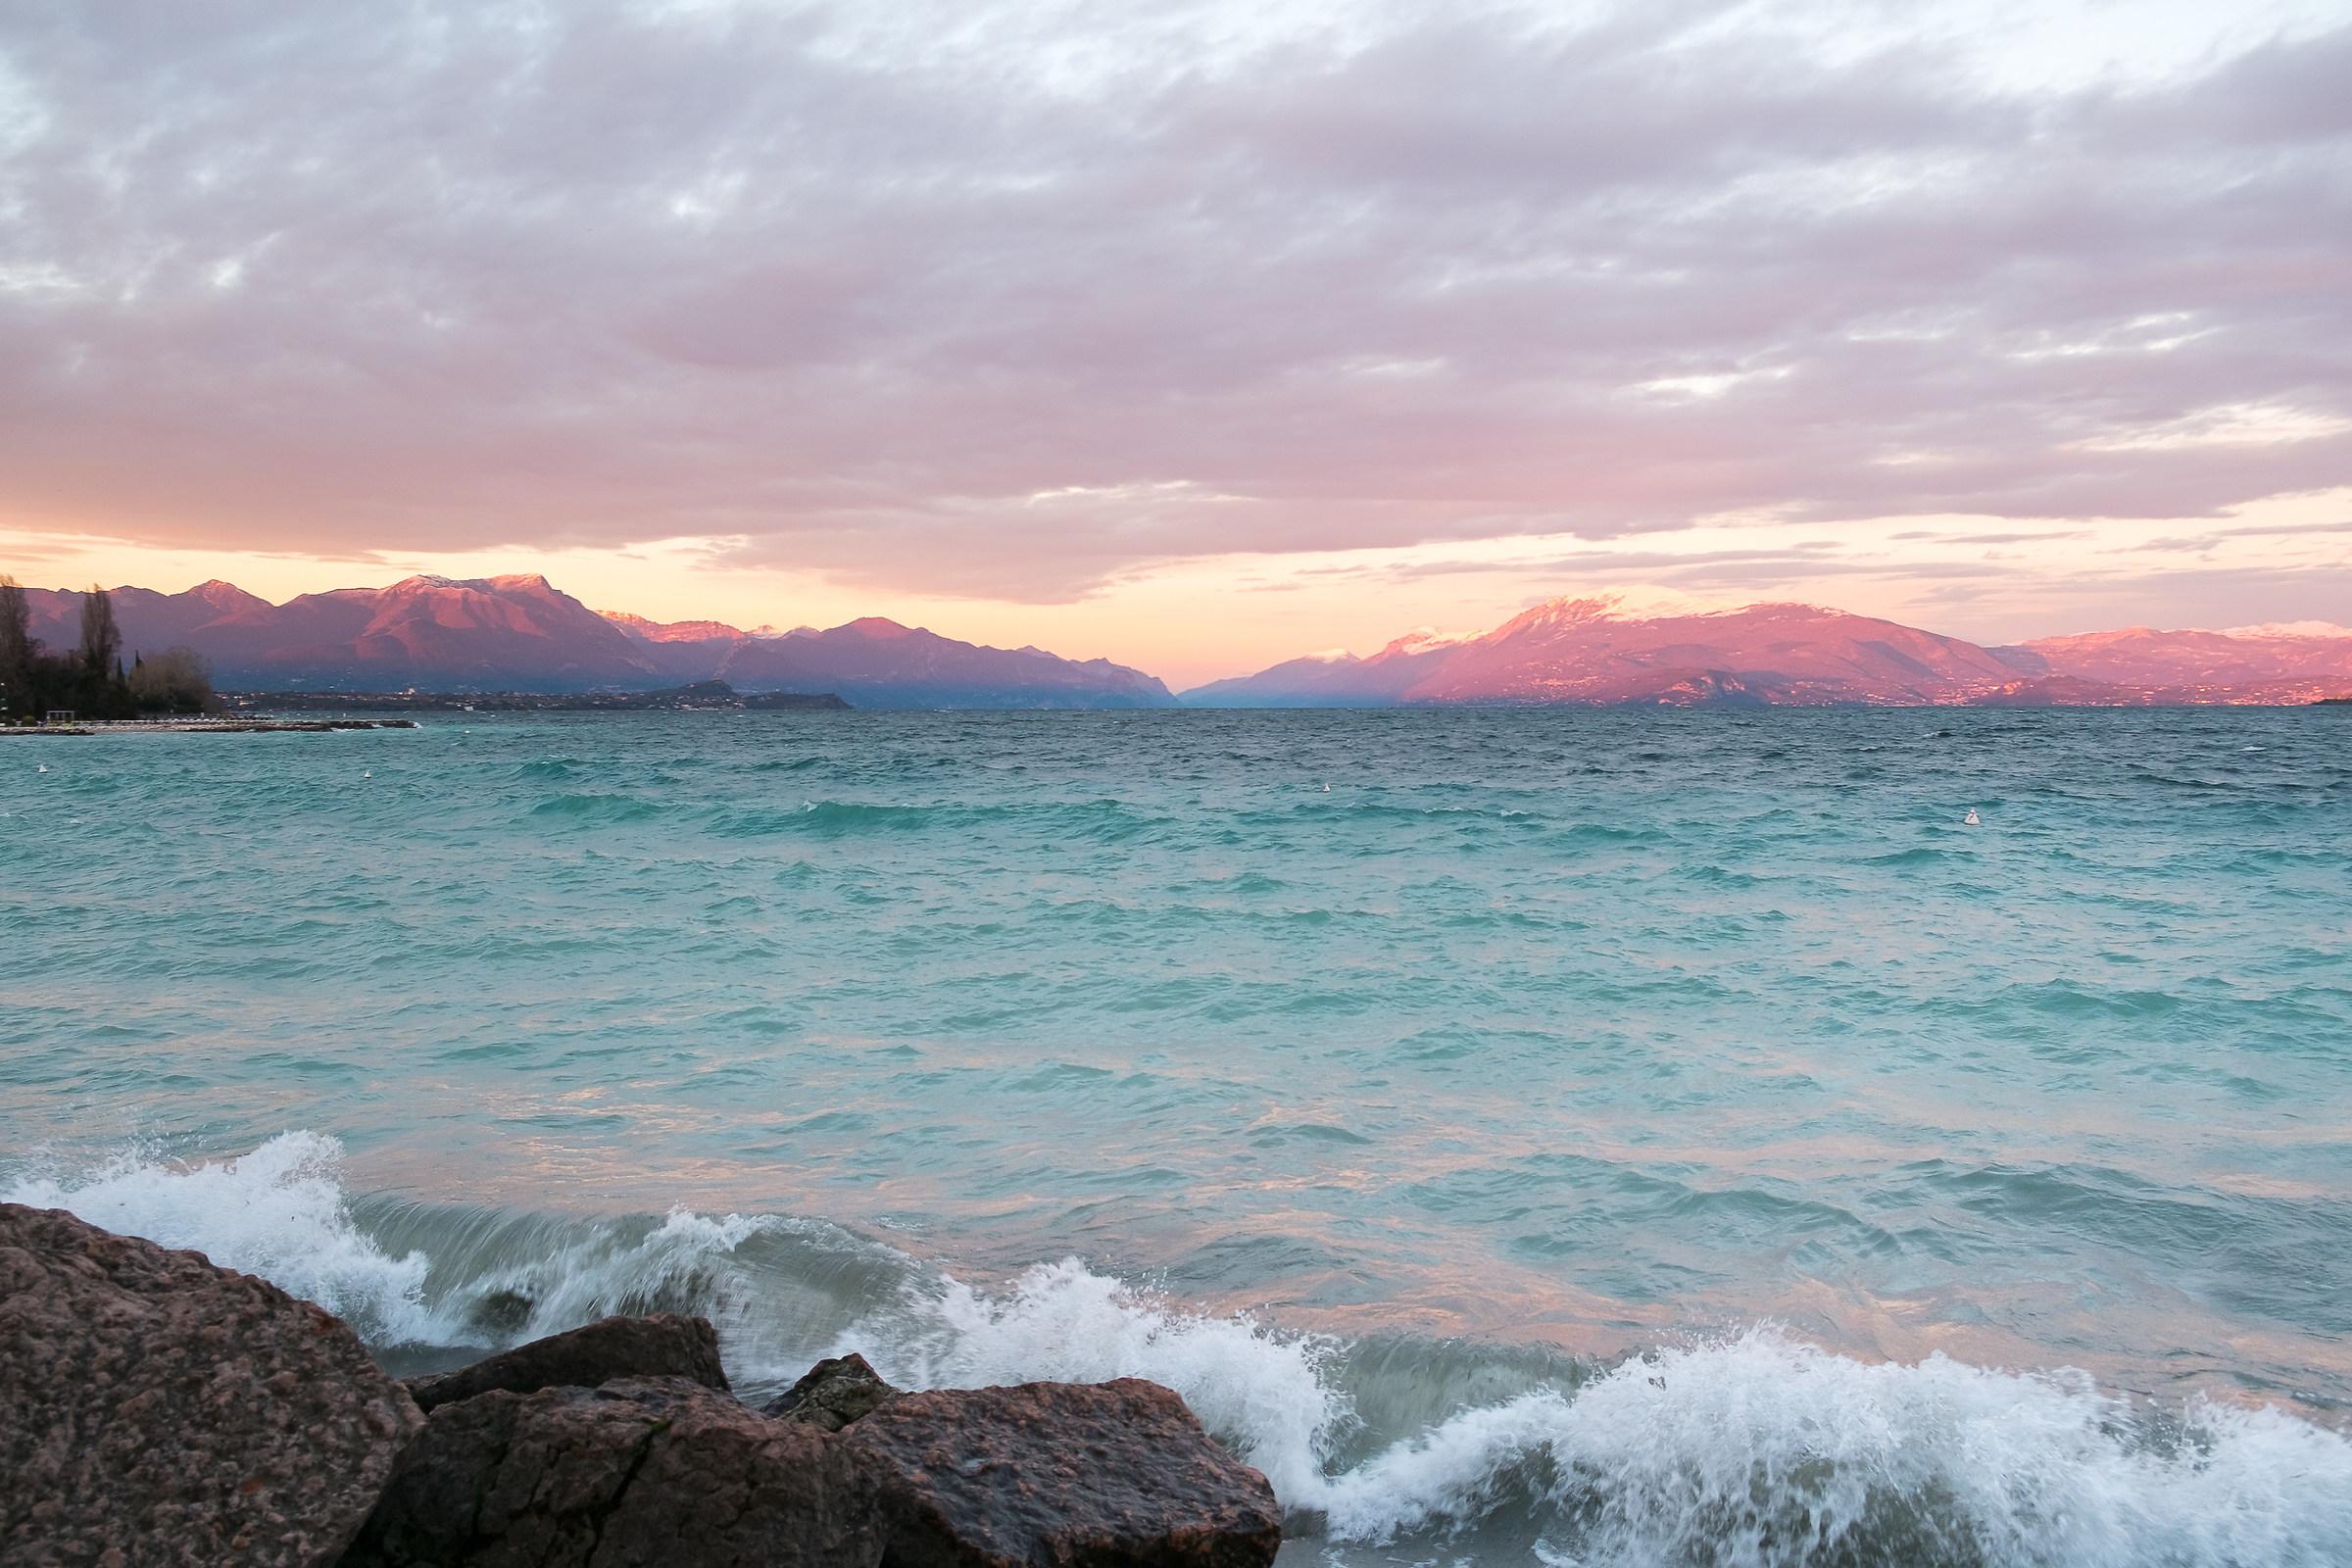 Il lago gioca a fare il mare...